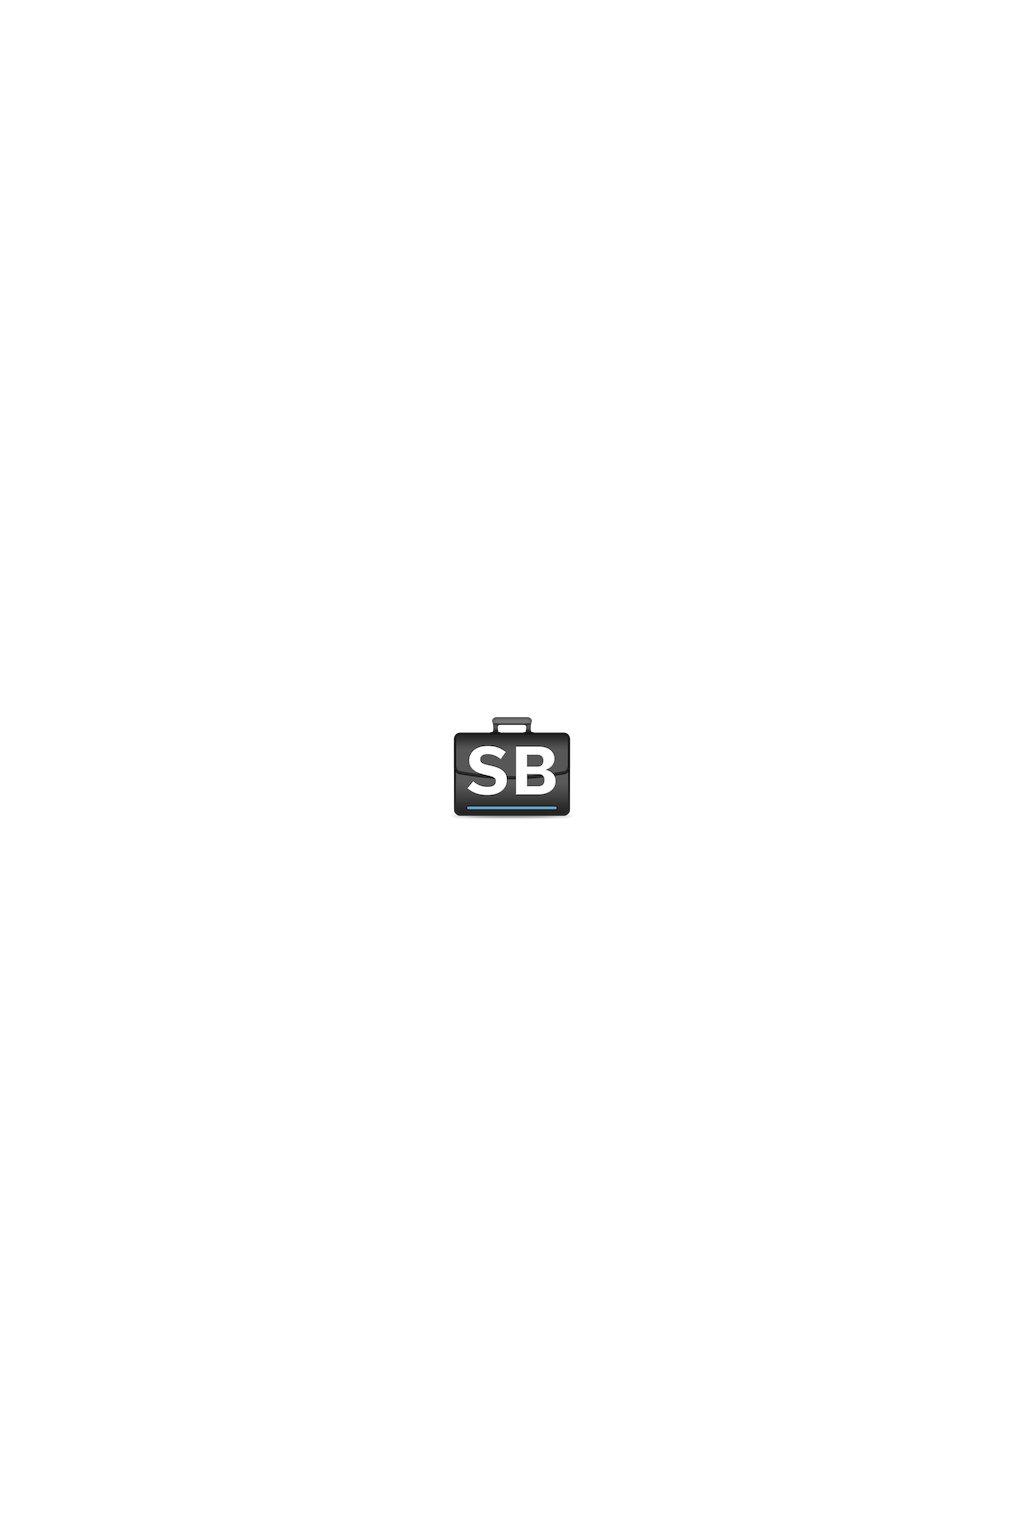 softblock icon color